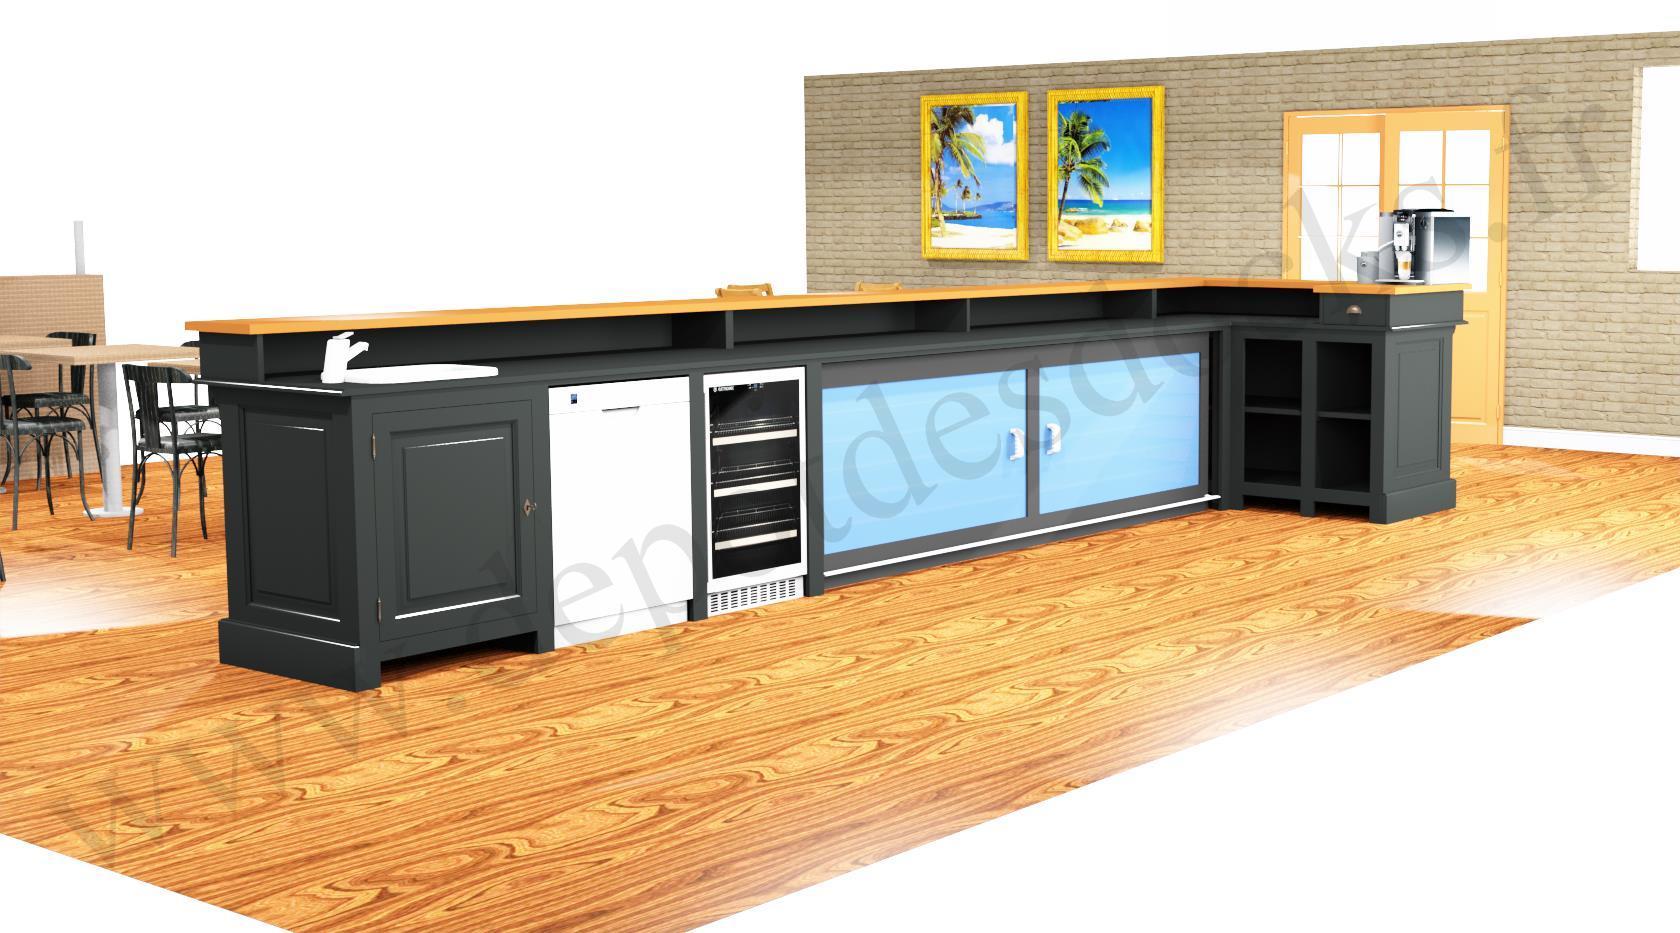 Amenagement De Bar Professionnel comptoir bar d'angle professionnel avec espace lave-verres machine à  glaçons armoire frigo bac evier en pin massif plateau zinc - 578x168 cm